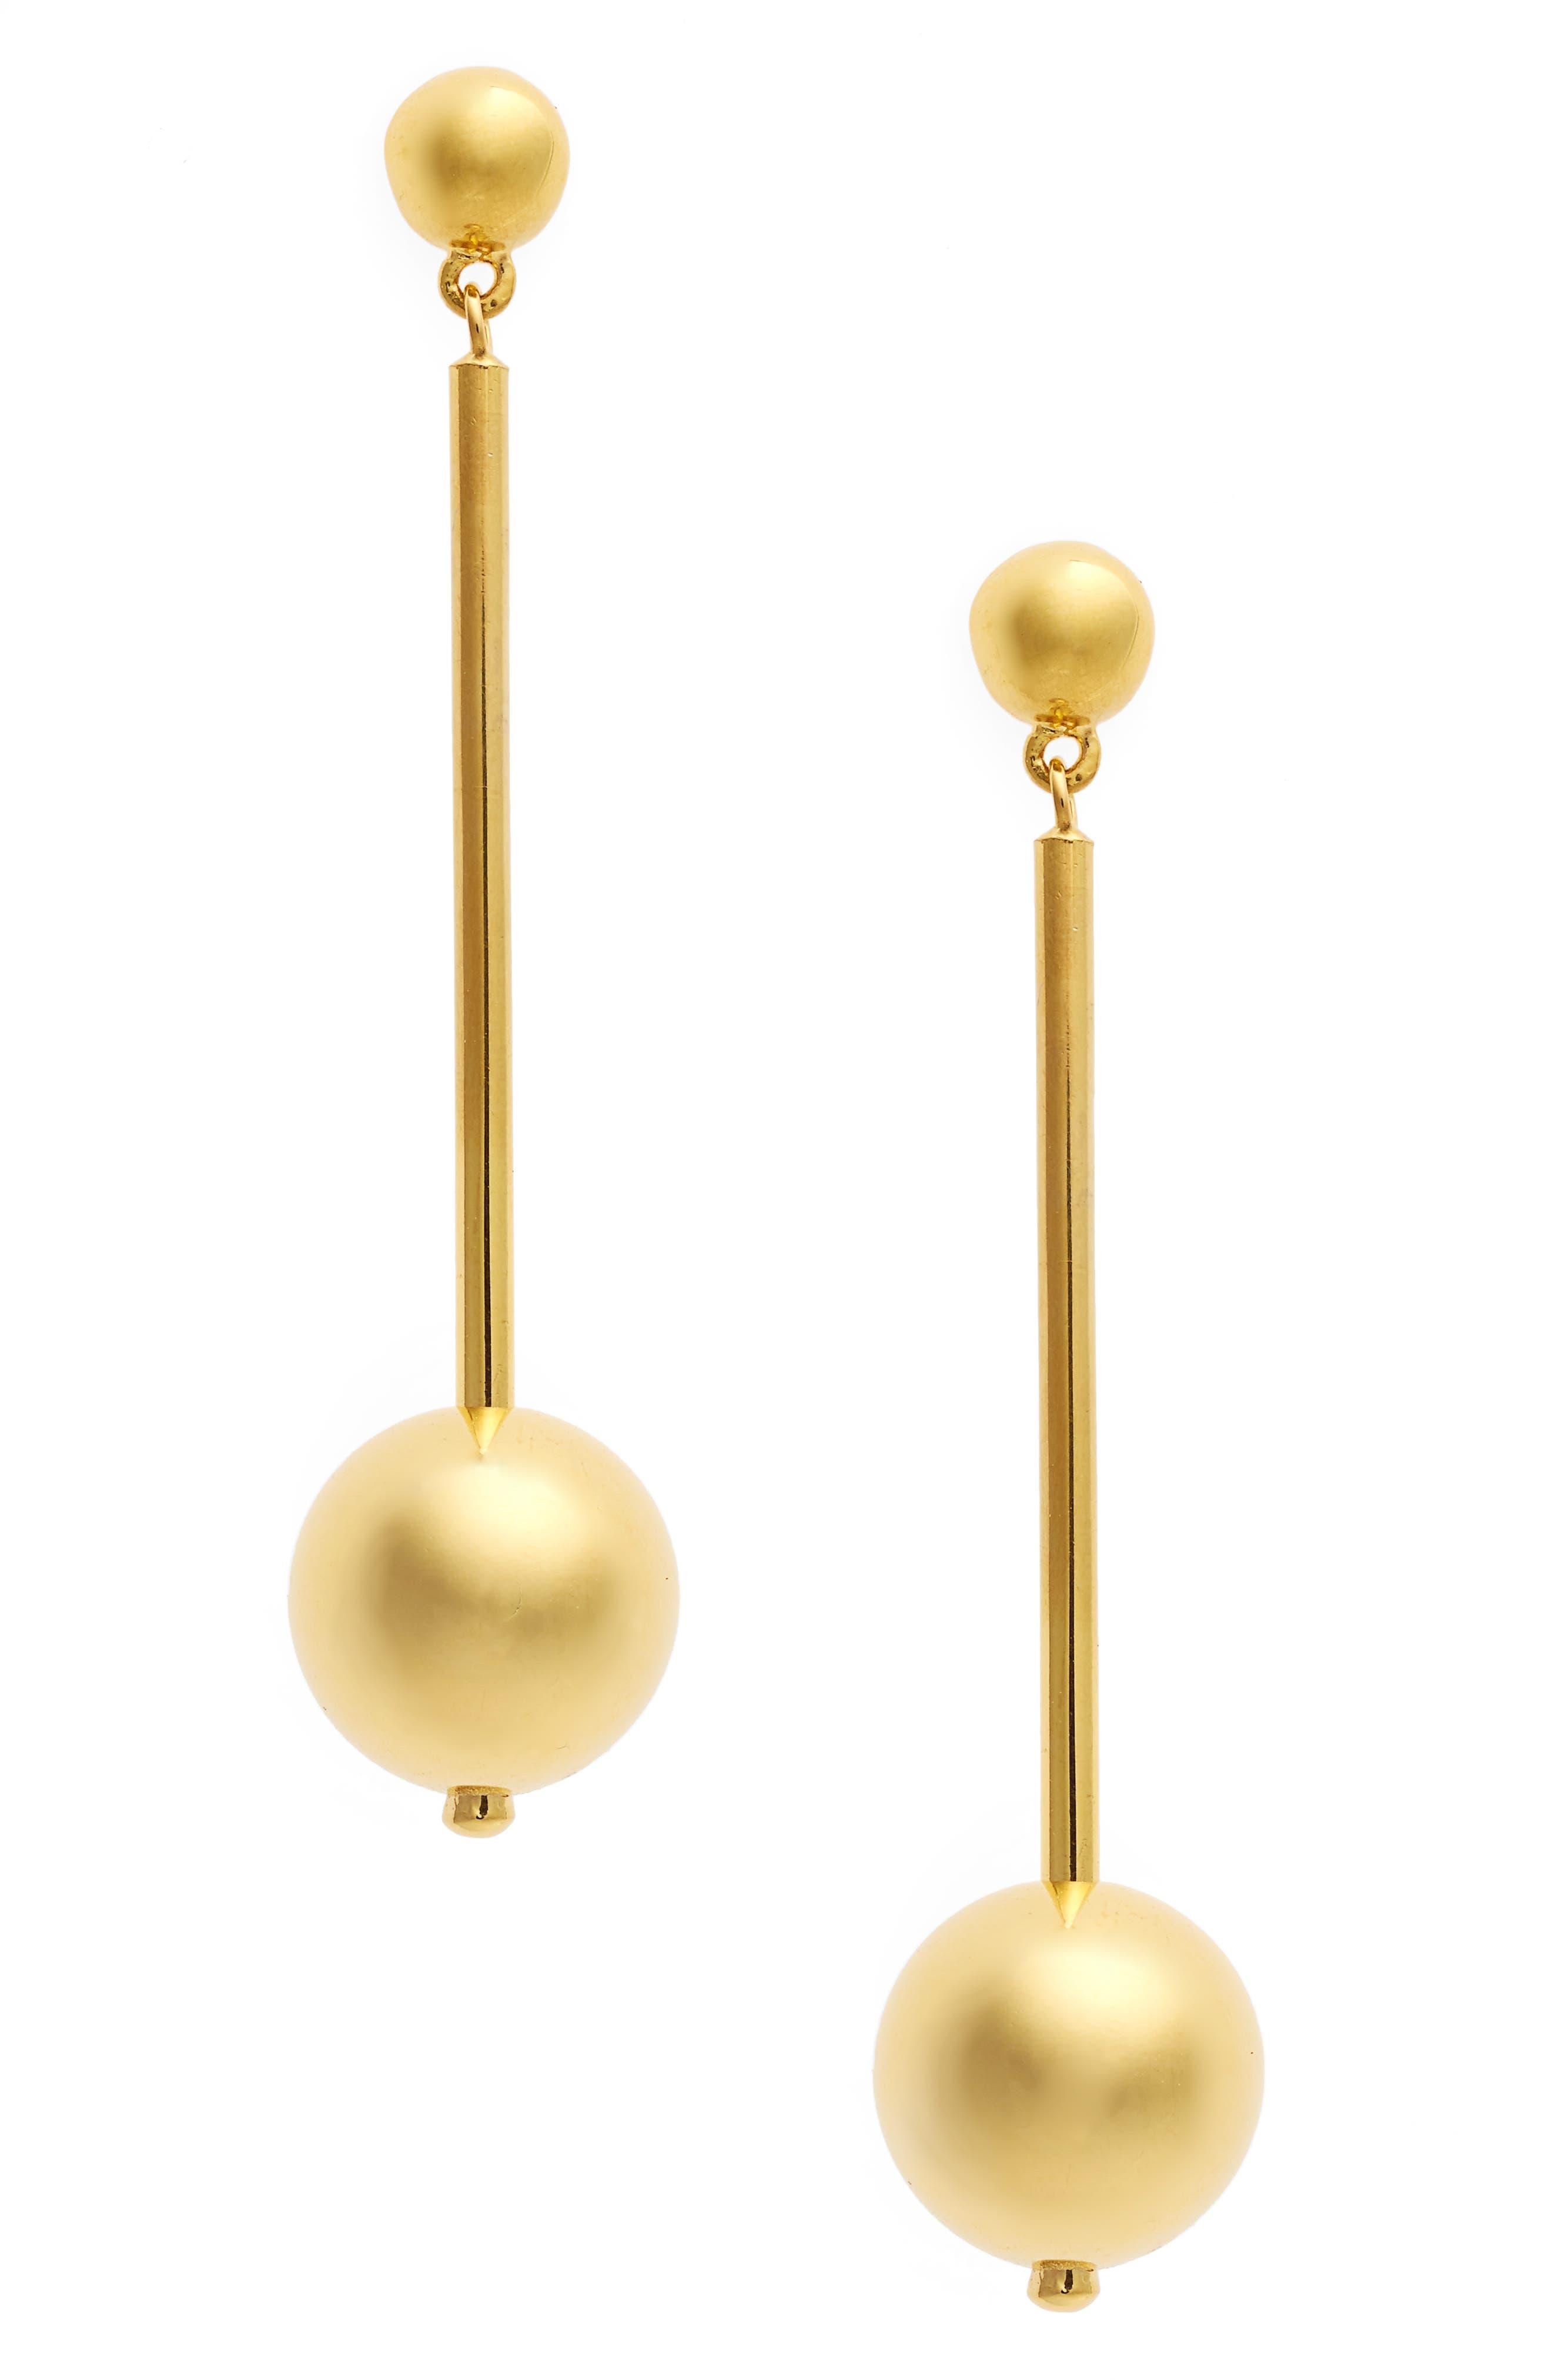 Suzanne Long Vermeil Drop Earrings,                         Main,                         color, GOLD